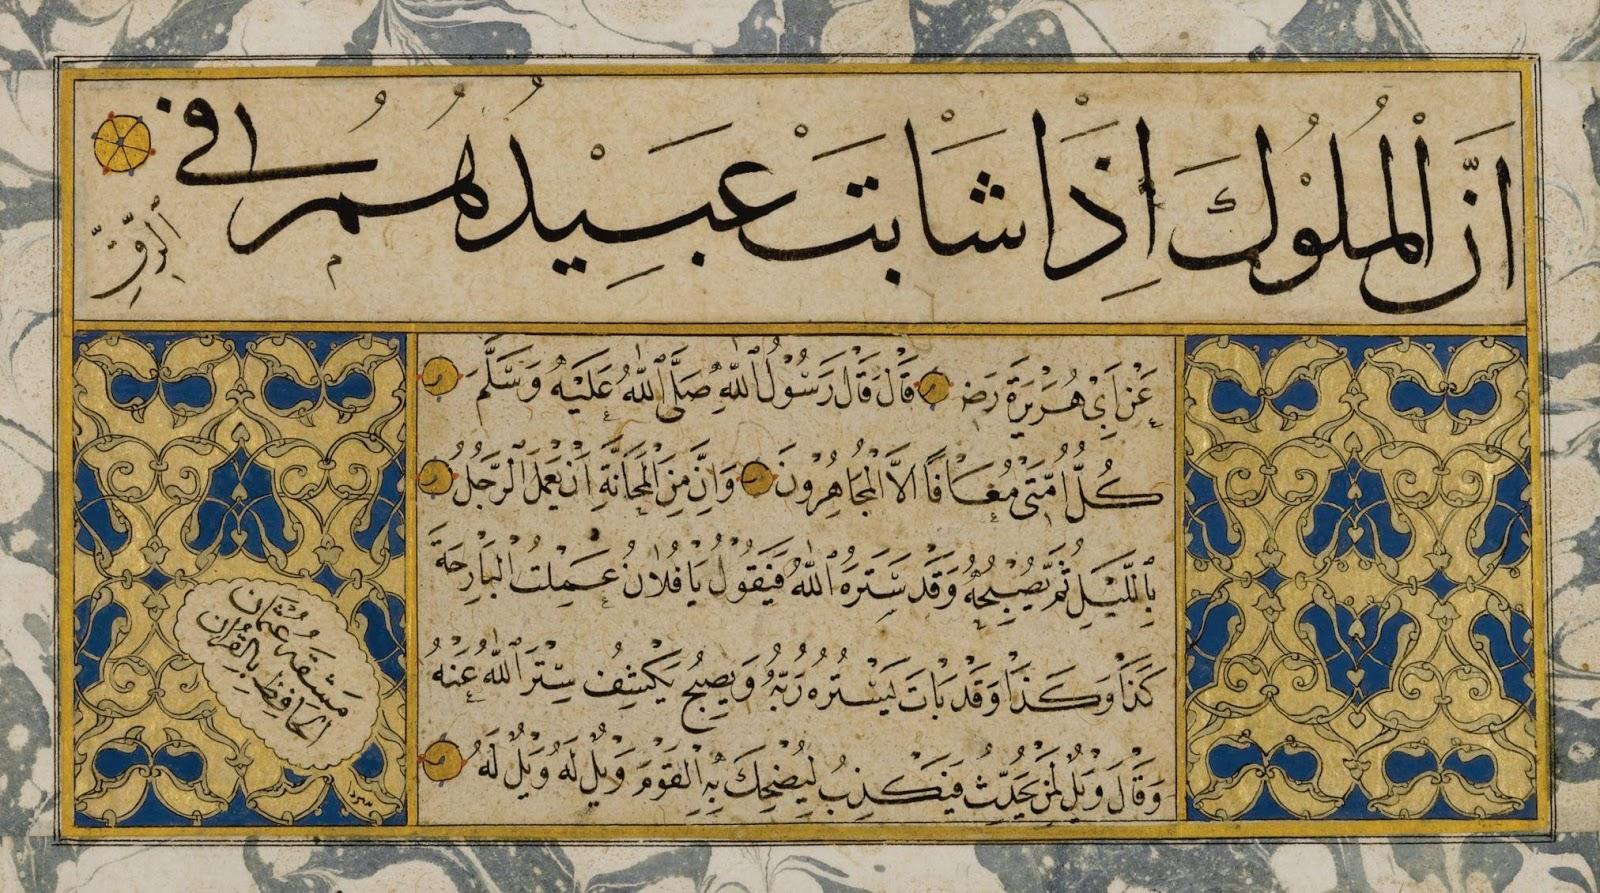 الخطاط الحافظ عثمان